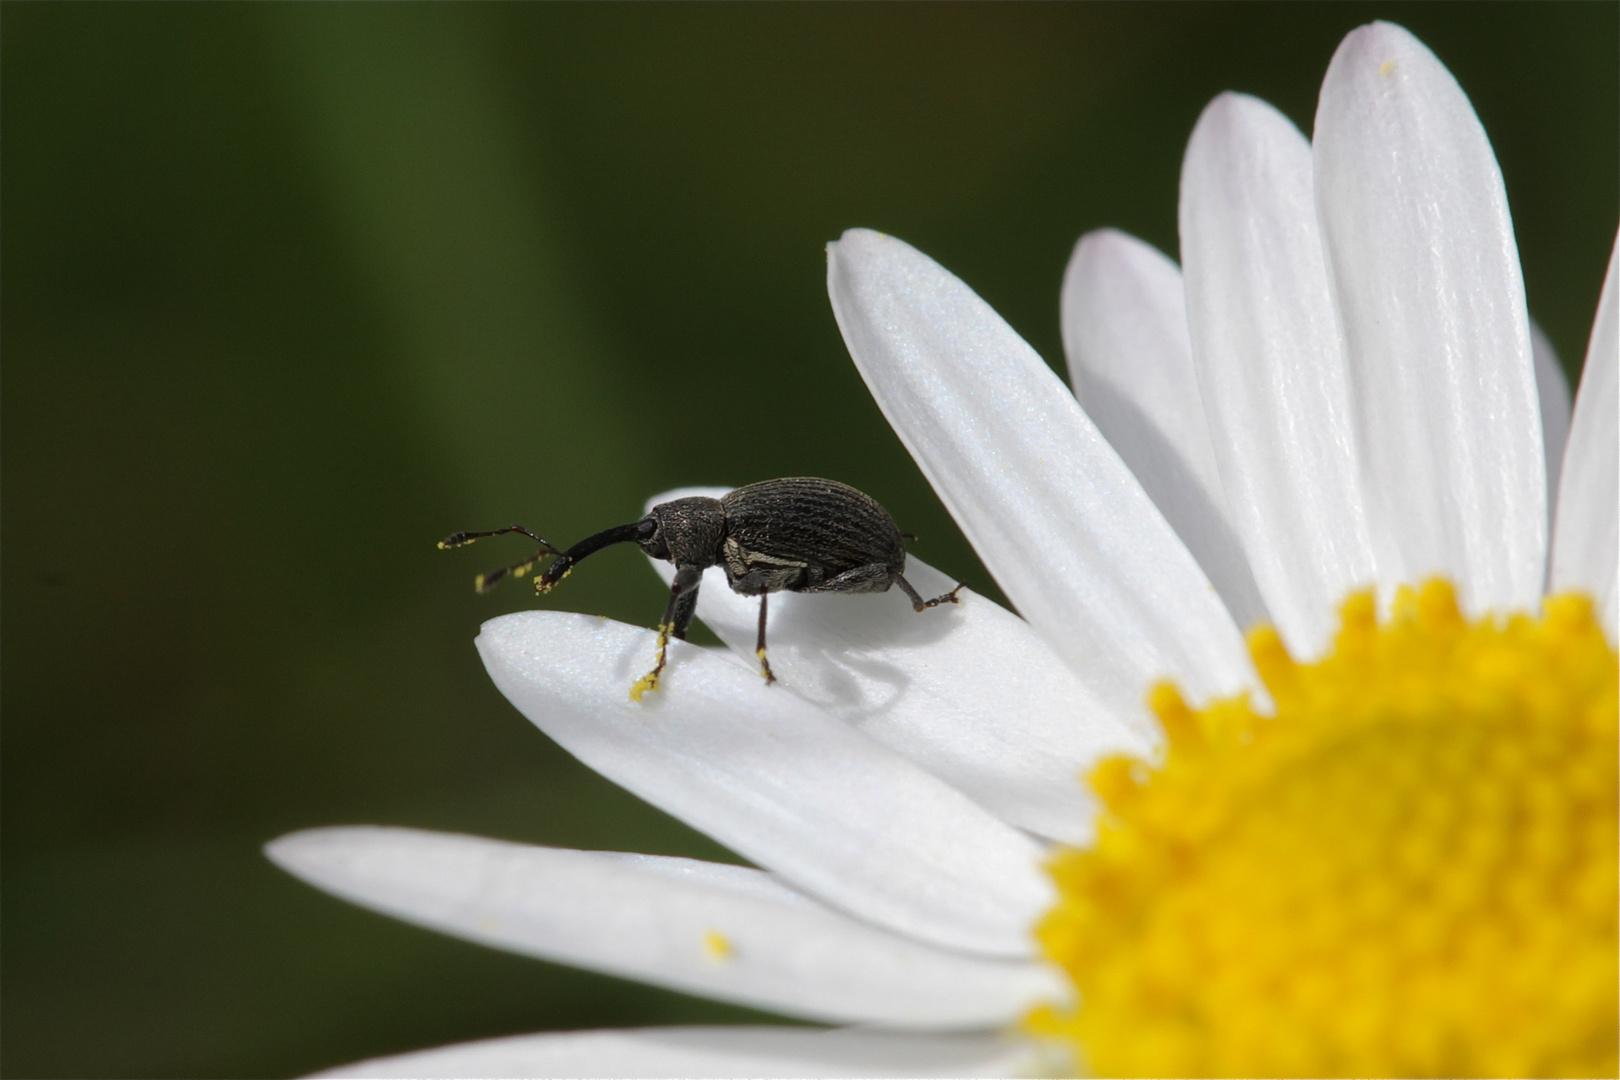 Etwa 2 bis 3 mm langer Rüsselkäfer auf einem Gänseblümchen